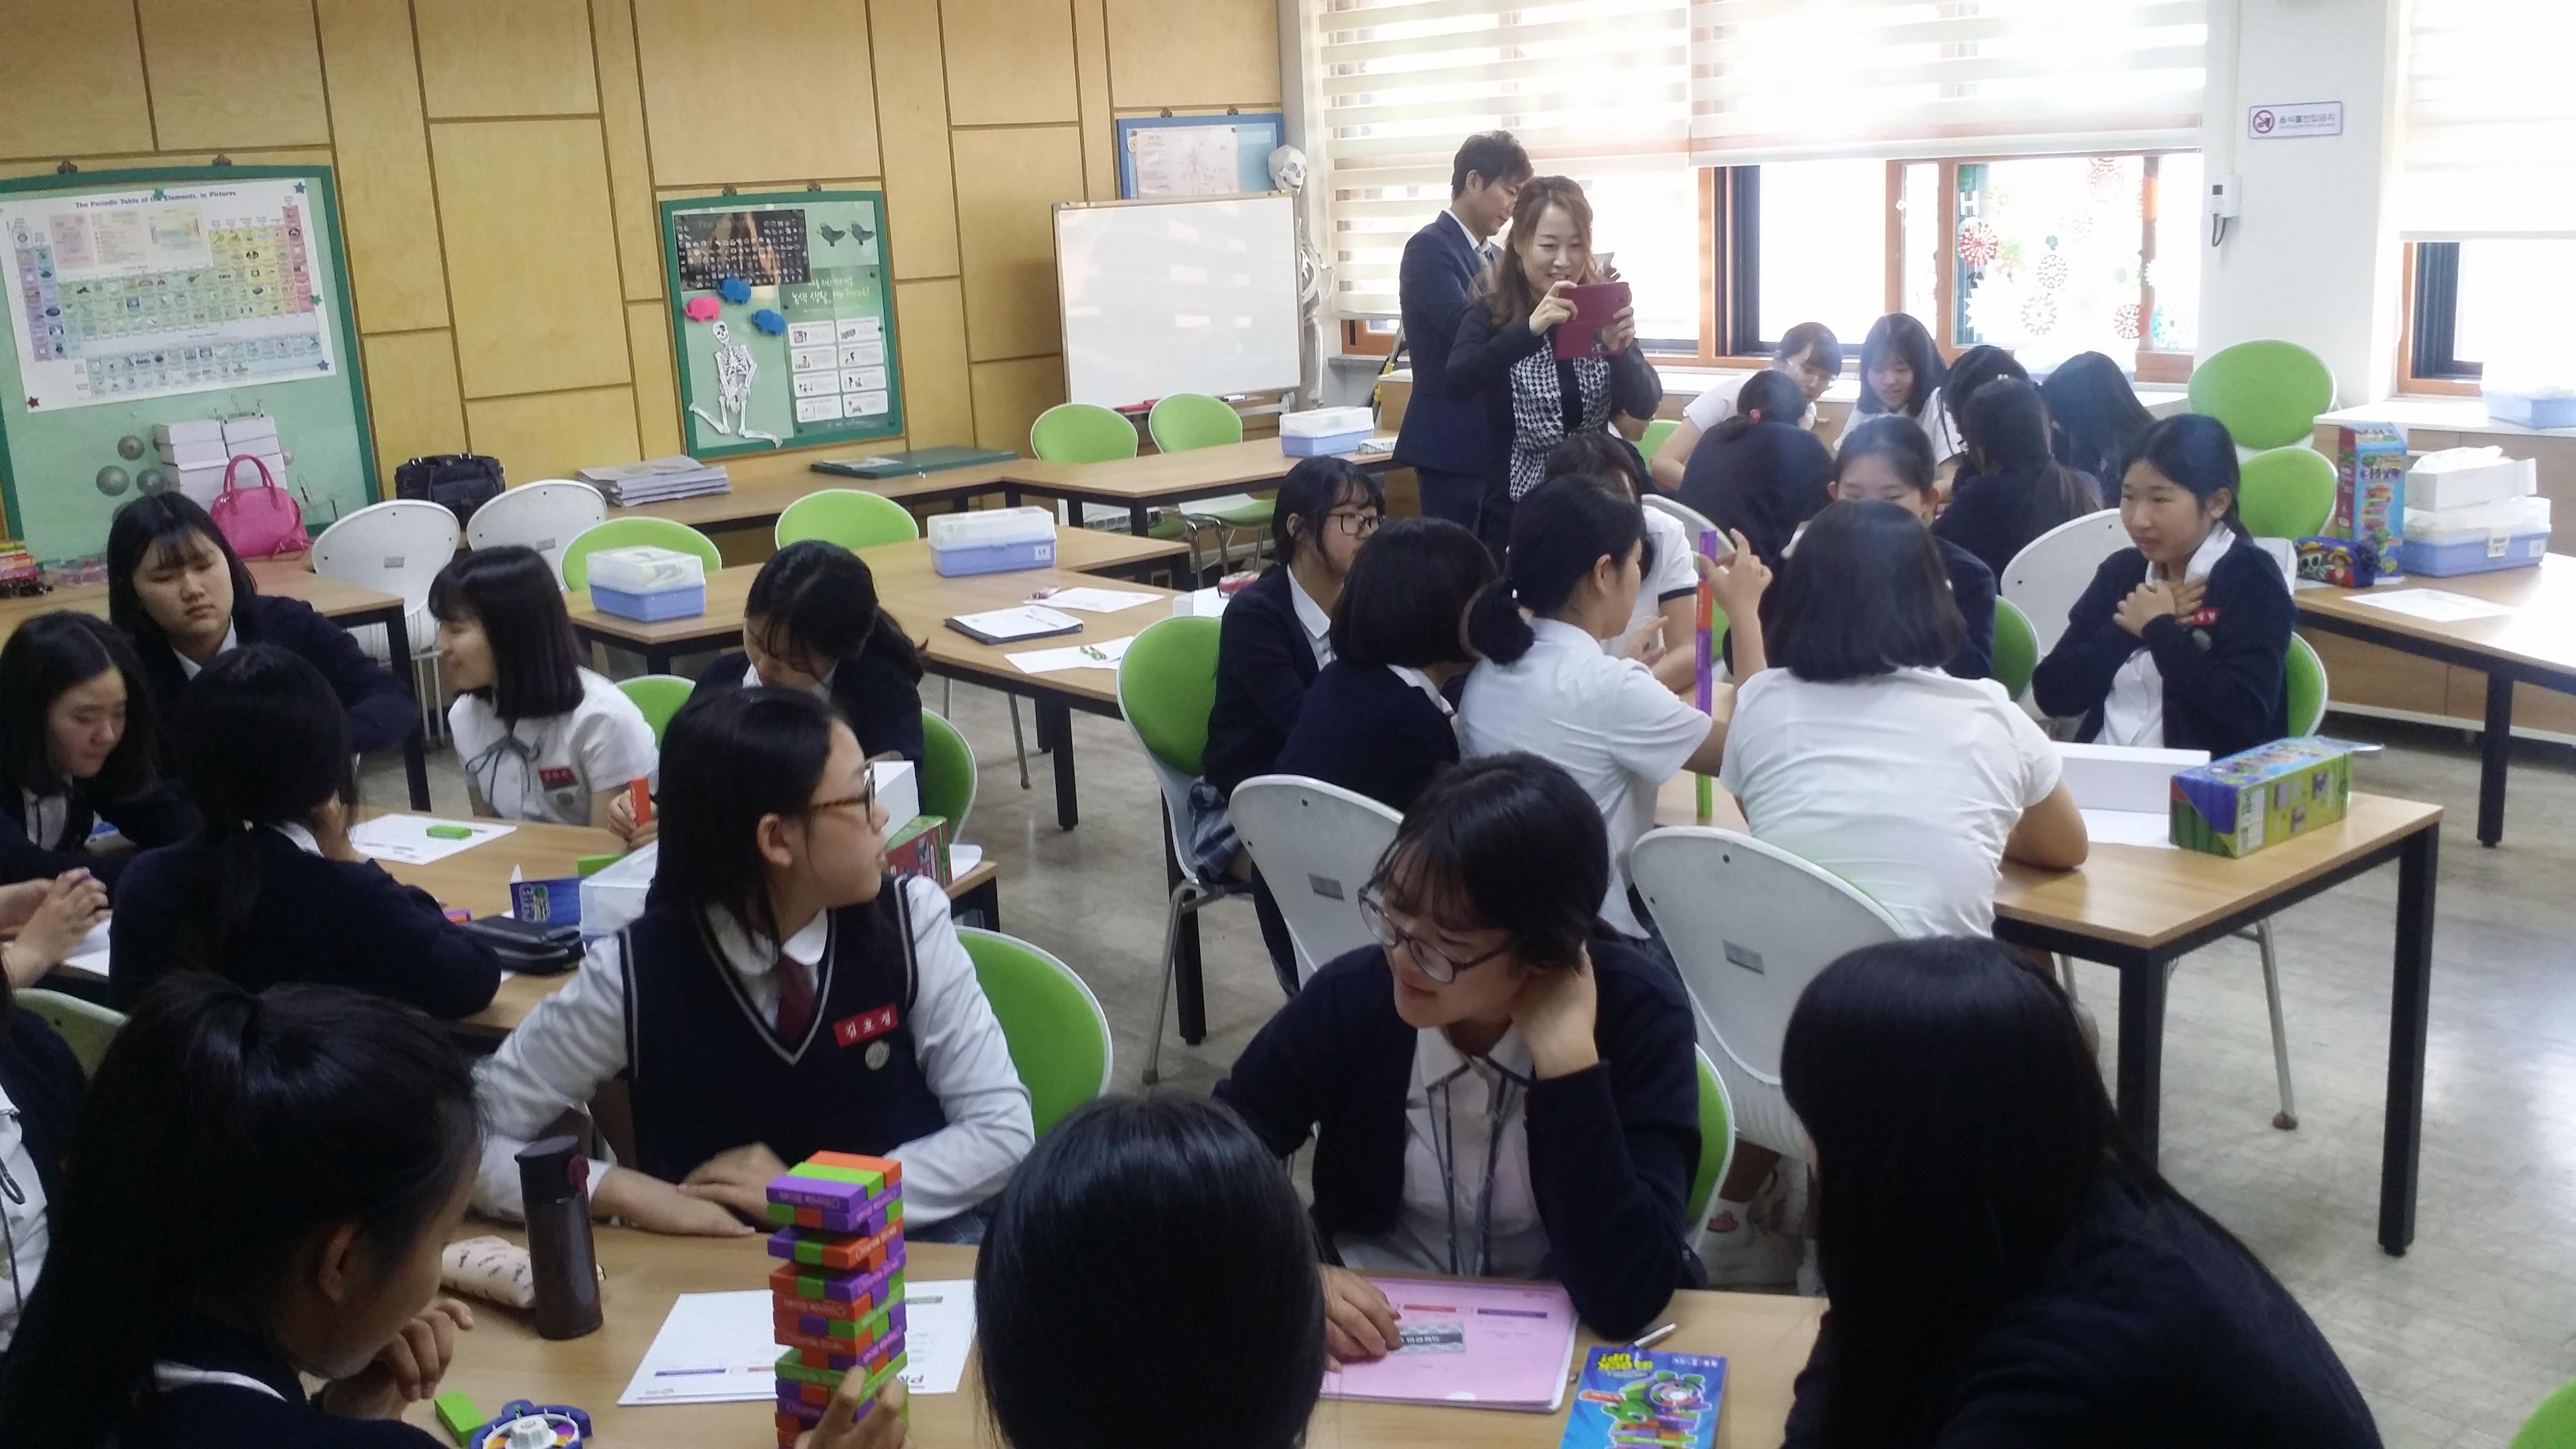 [아시아투데이] 서울시 동대문구, '공유 Wi-Fi 운영단' 프로그램 운영